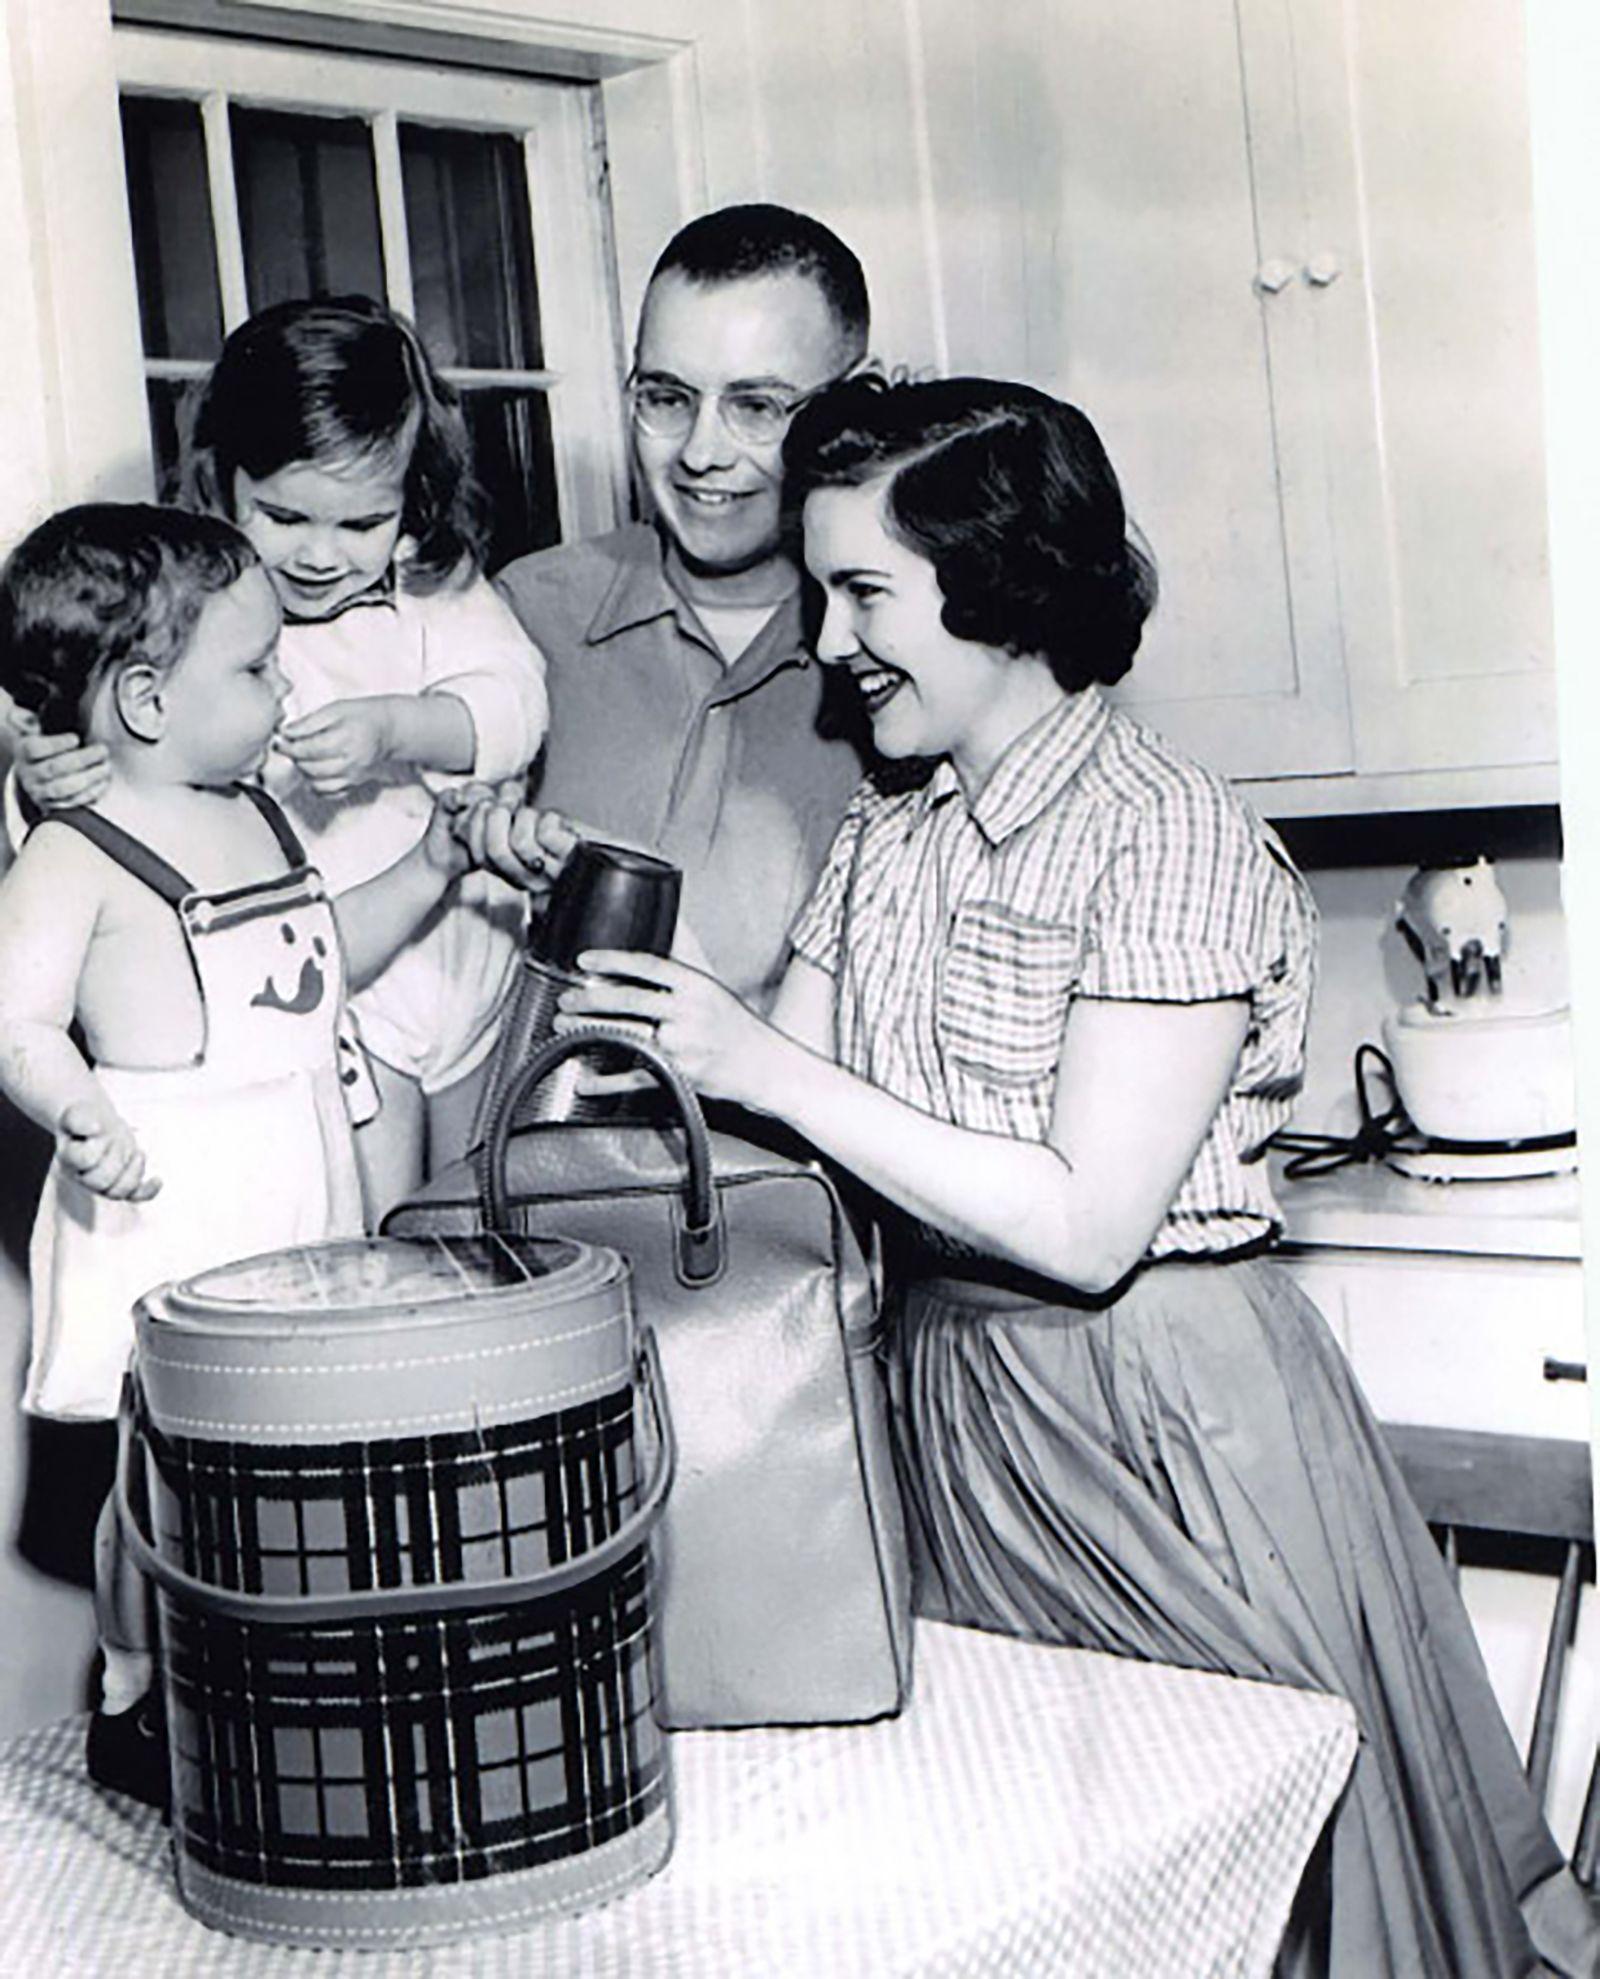 Уоррен Баффет с женой Сьюзан и детьми- Говардом и Сьюзан